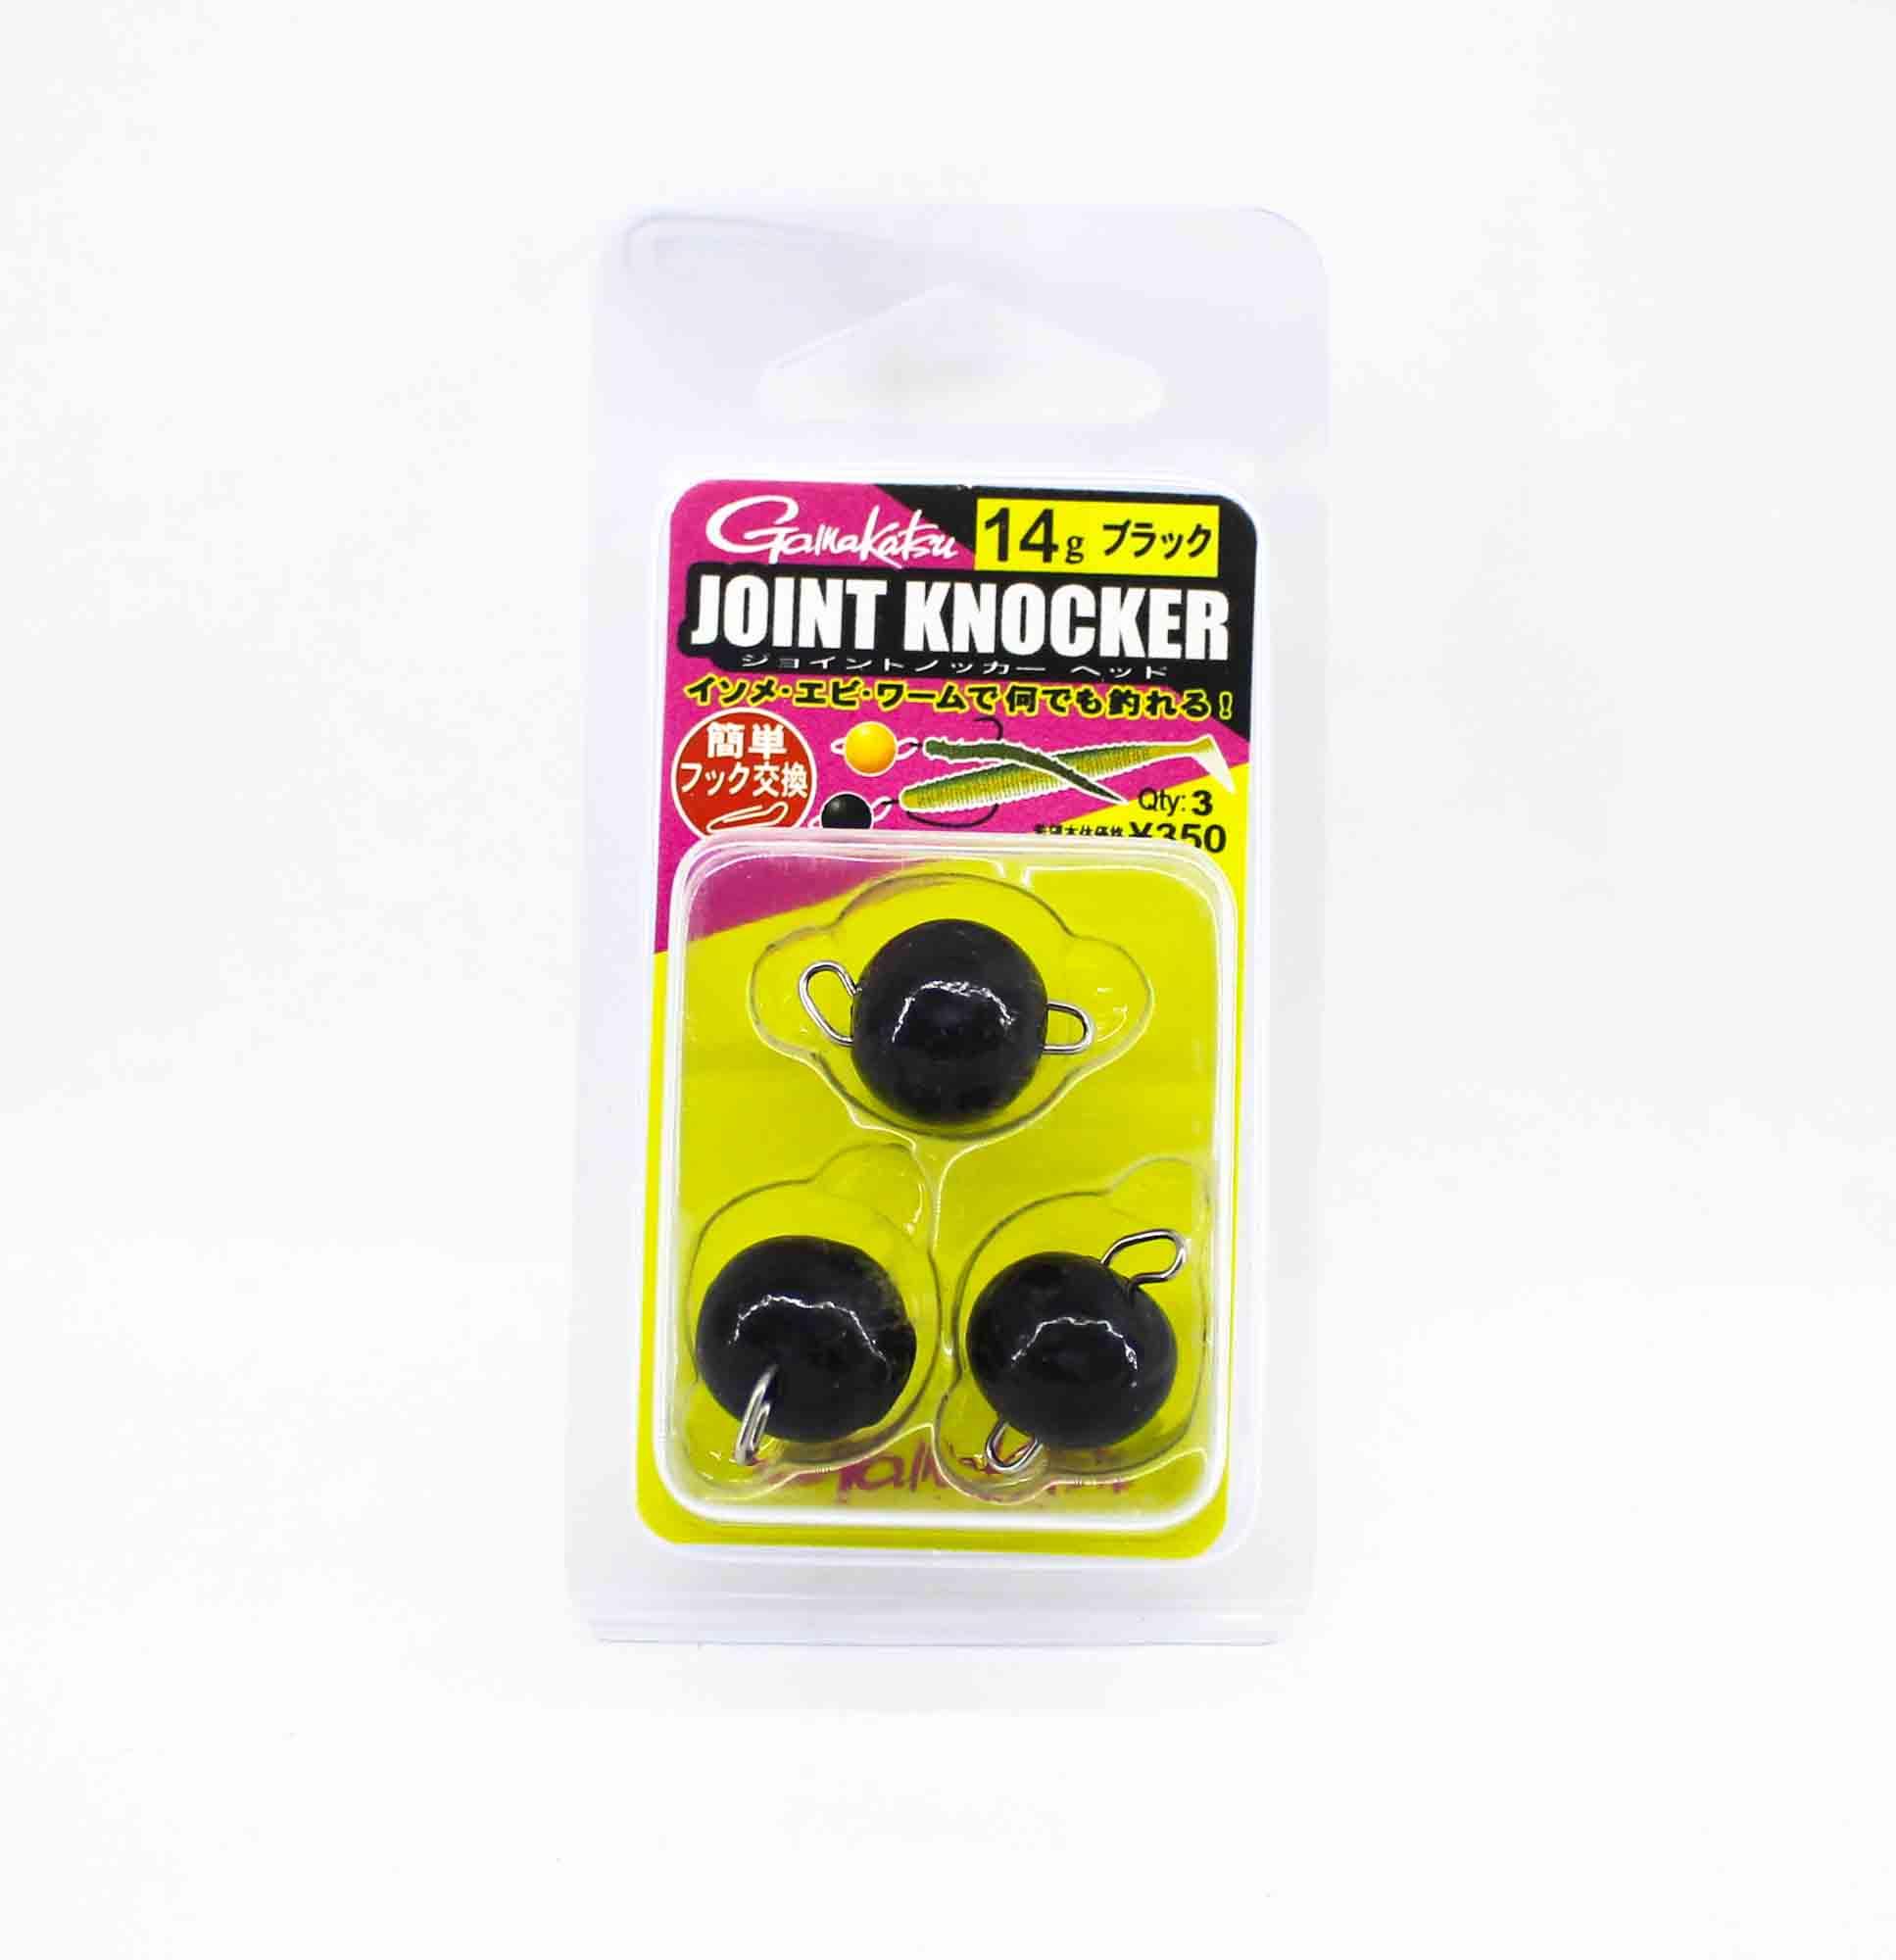 Gamakatsu 19255 Joint Knocker Jig Head 14 grams , 3 per pack (2577)